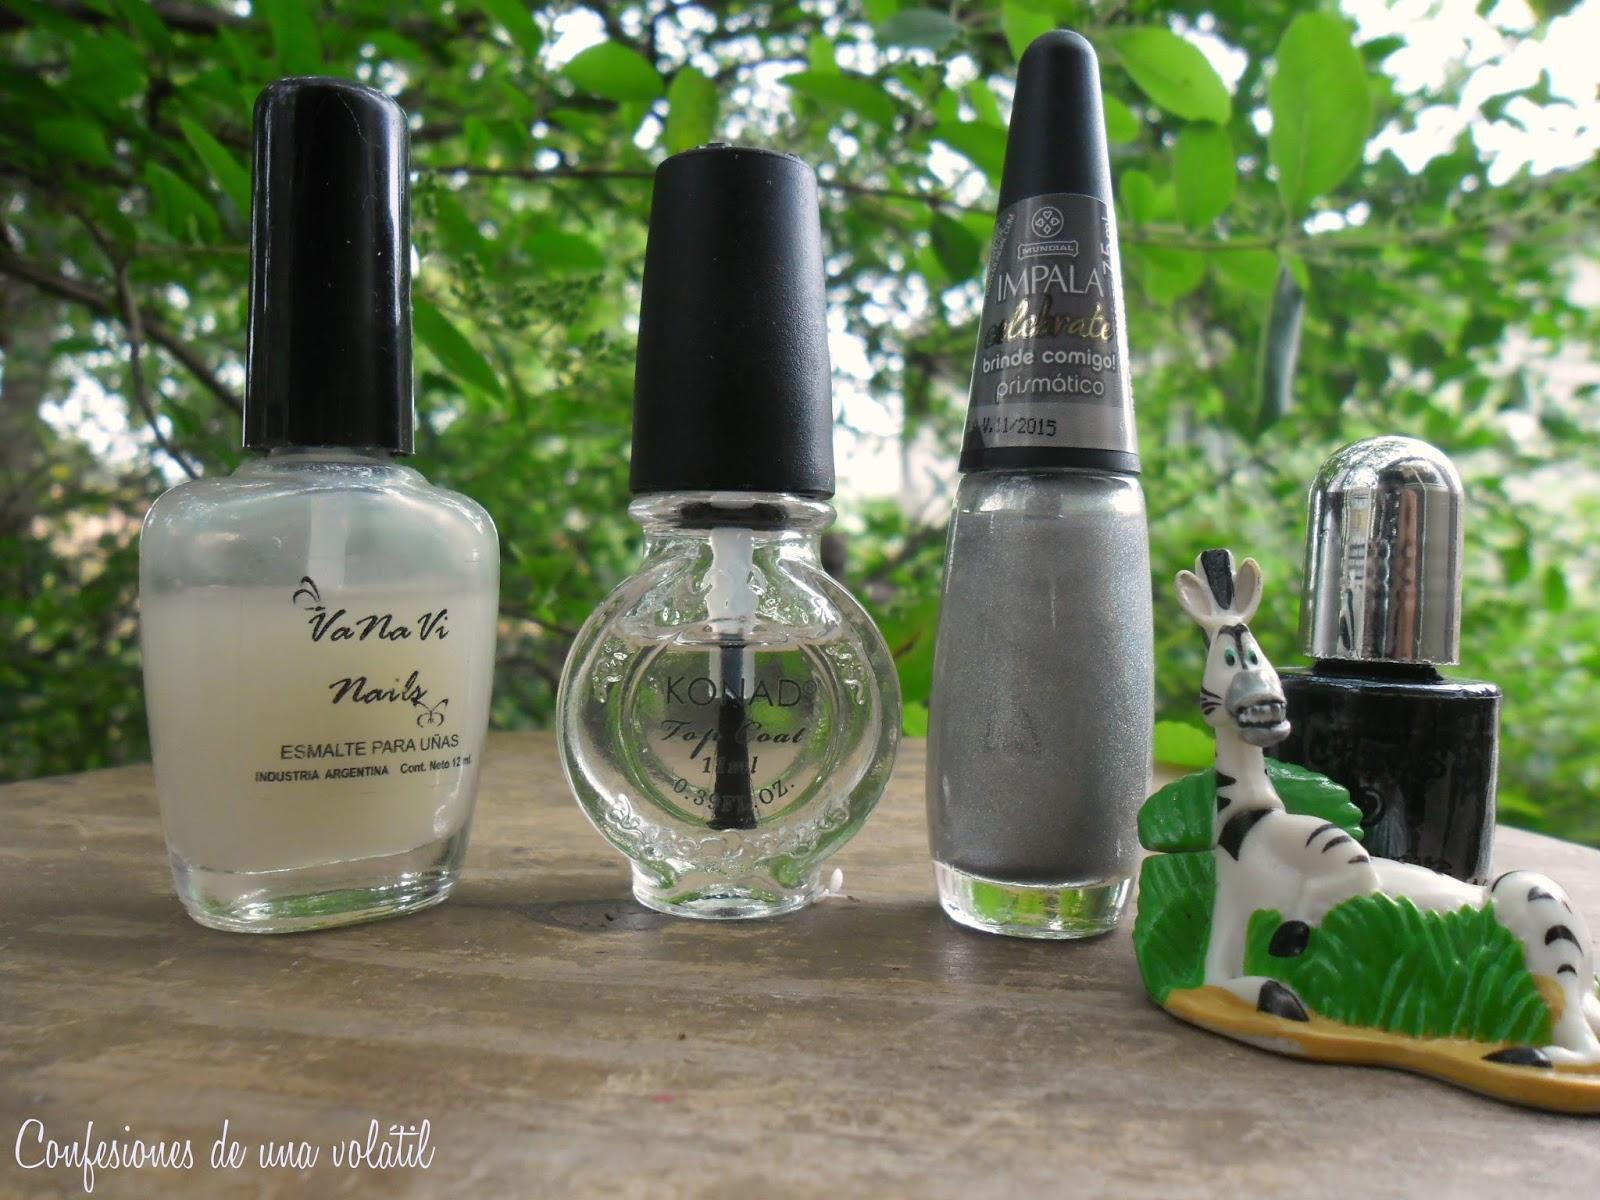 Asombroso Esmalte De Uñas De Fantasía Embellecimiento - Ideas de ...